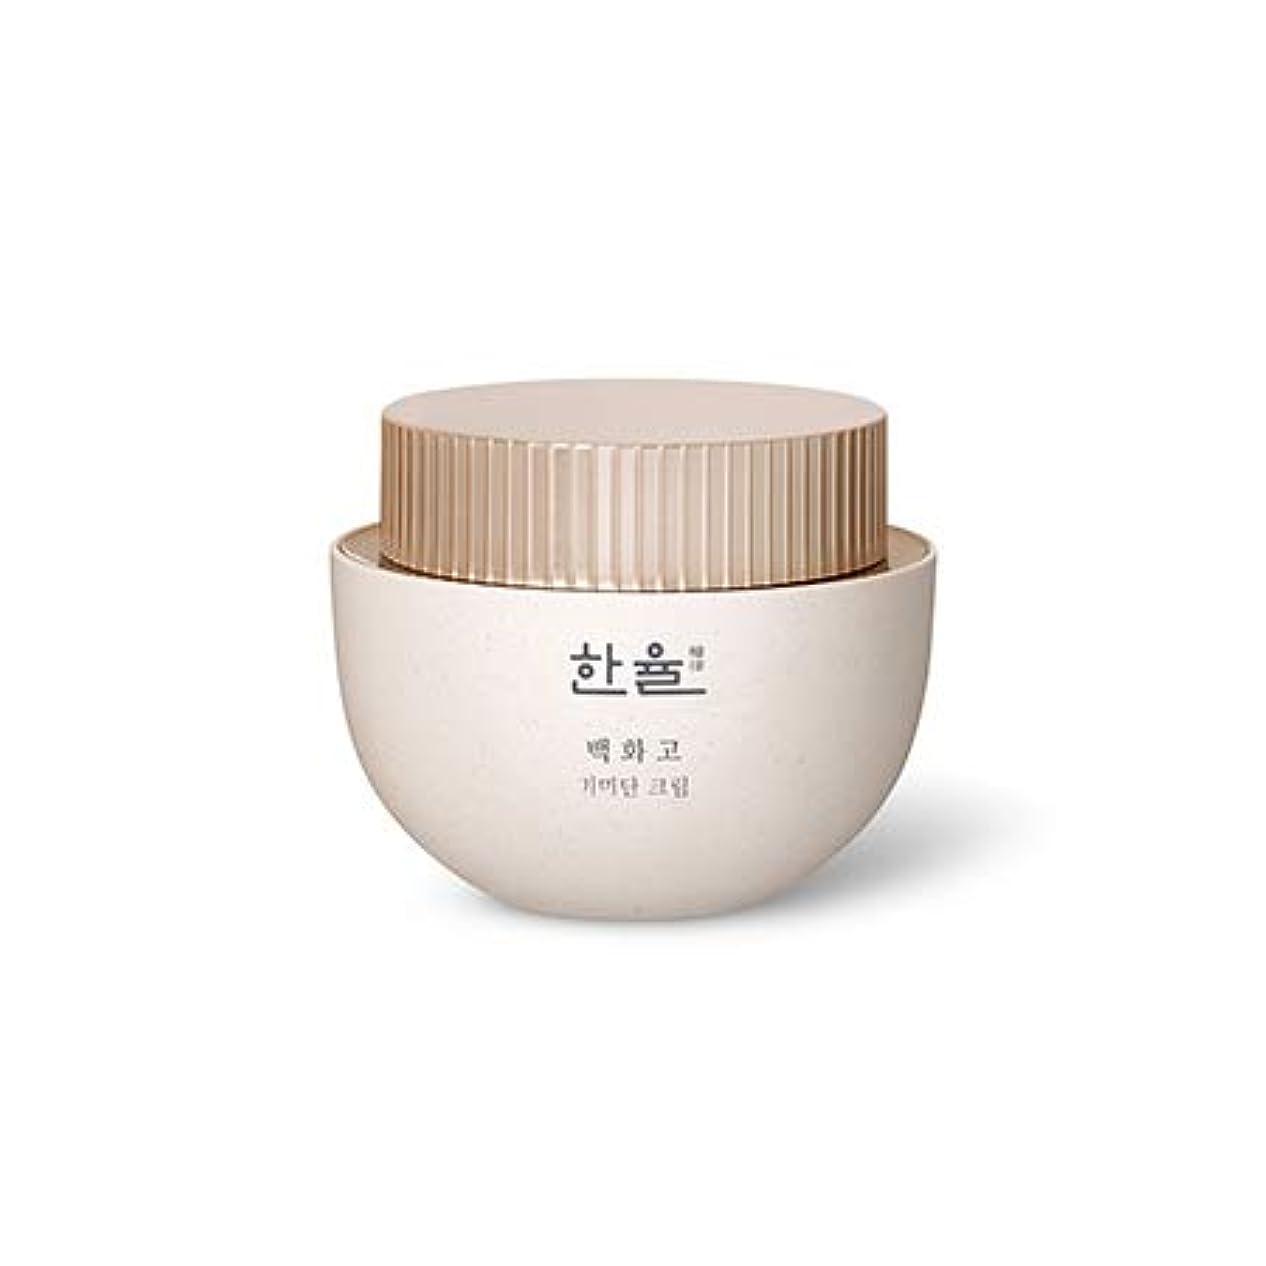 かんがいヒギンズシアー[ハンユル.HANYUL]ベクファゴシミ段クリームHanyul Baek Hwa Goh Anti-Aging Cream(シミ、くすみなどの老化の兆候をケア)